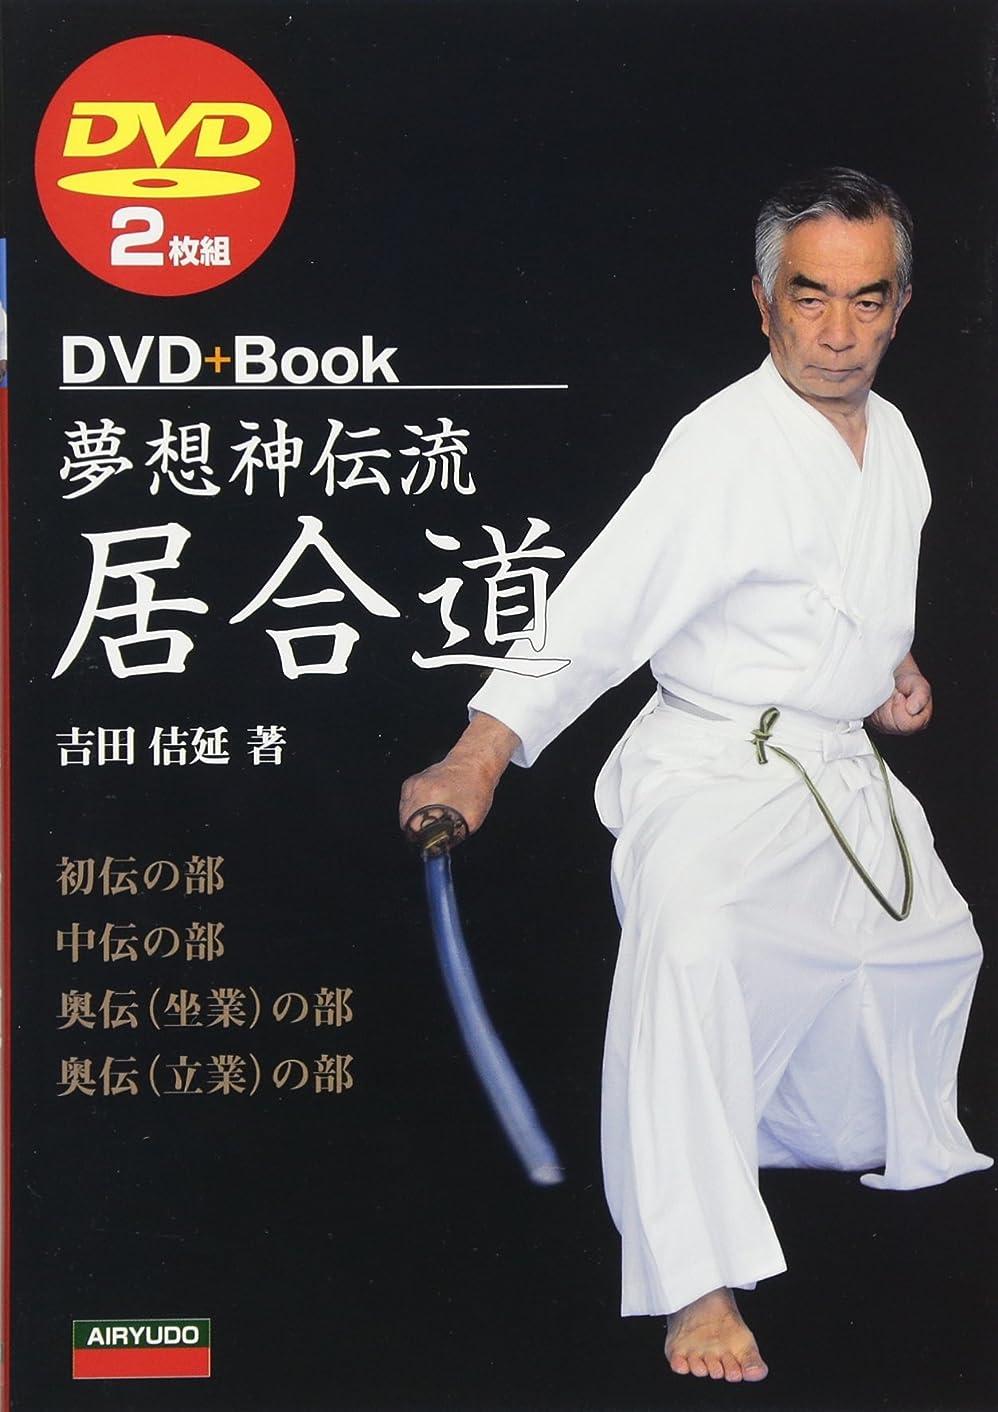 中古赤王族夢想神伝流居合道 (DVD+BOOK)